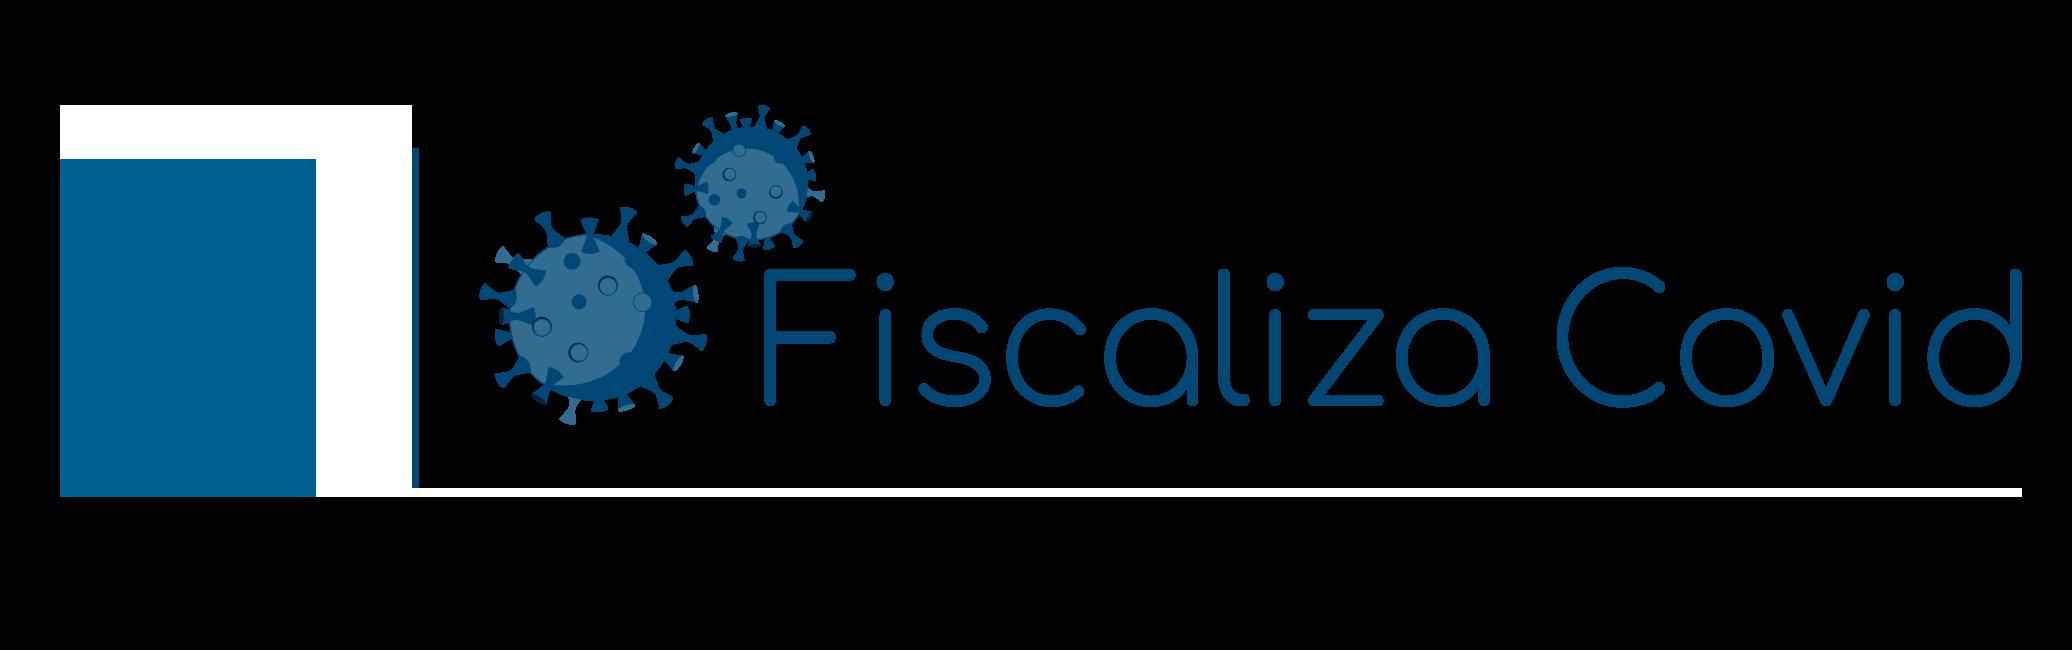 Fiscaliza covid 1